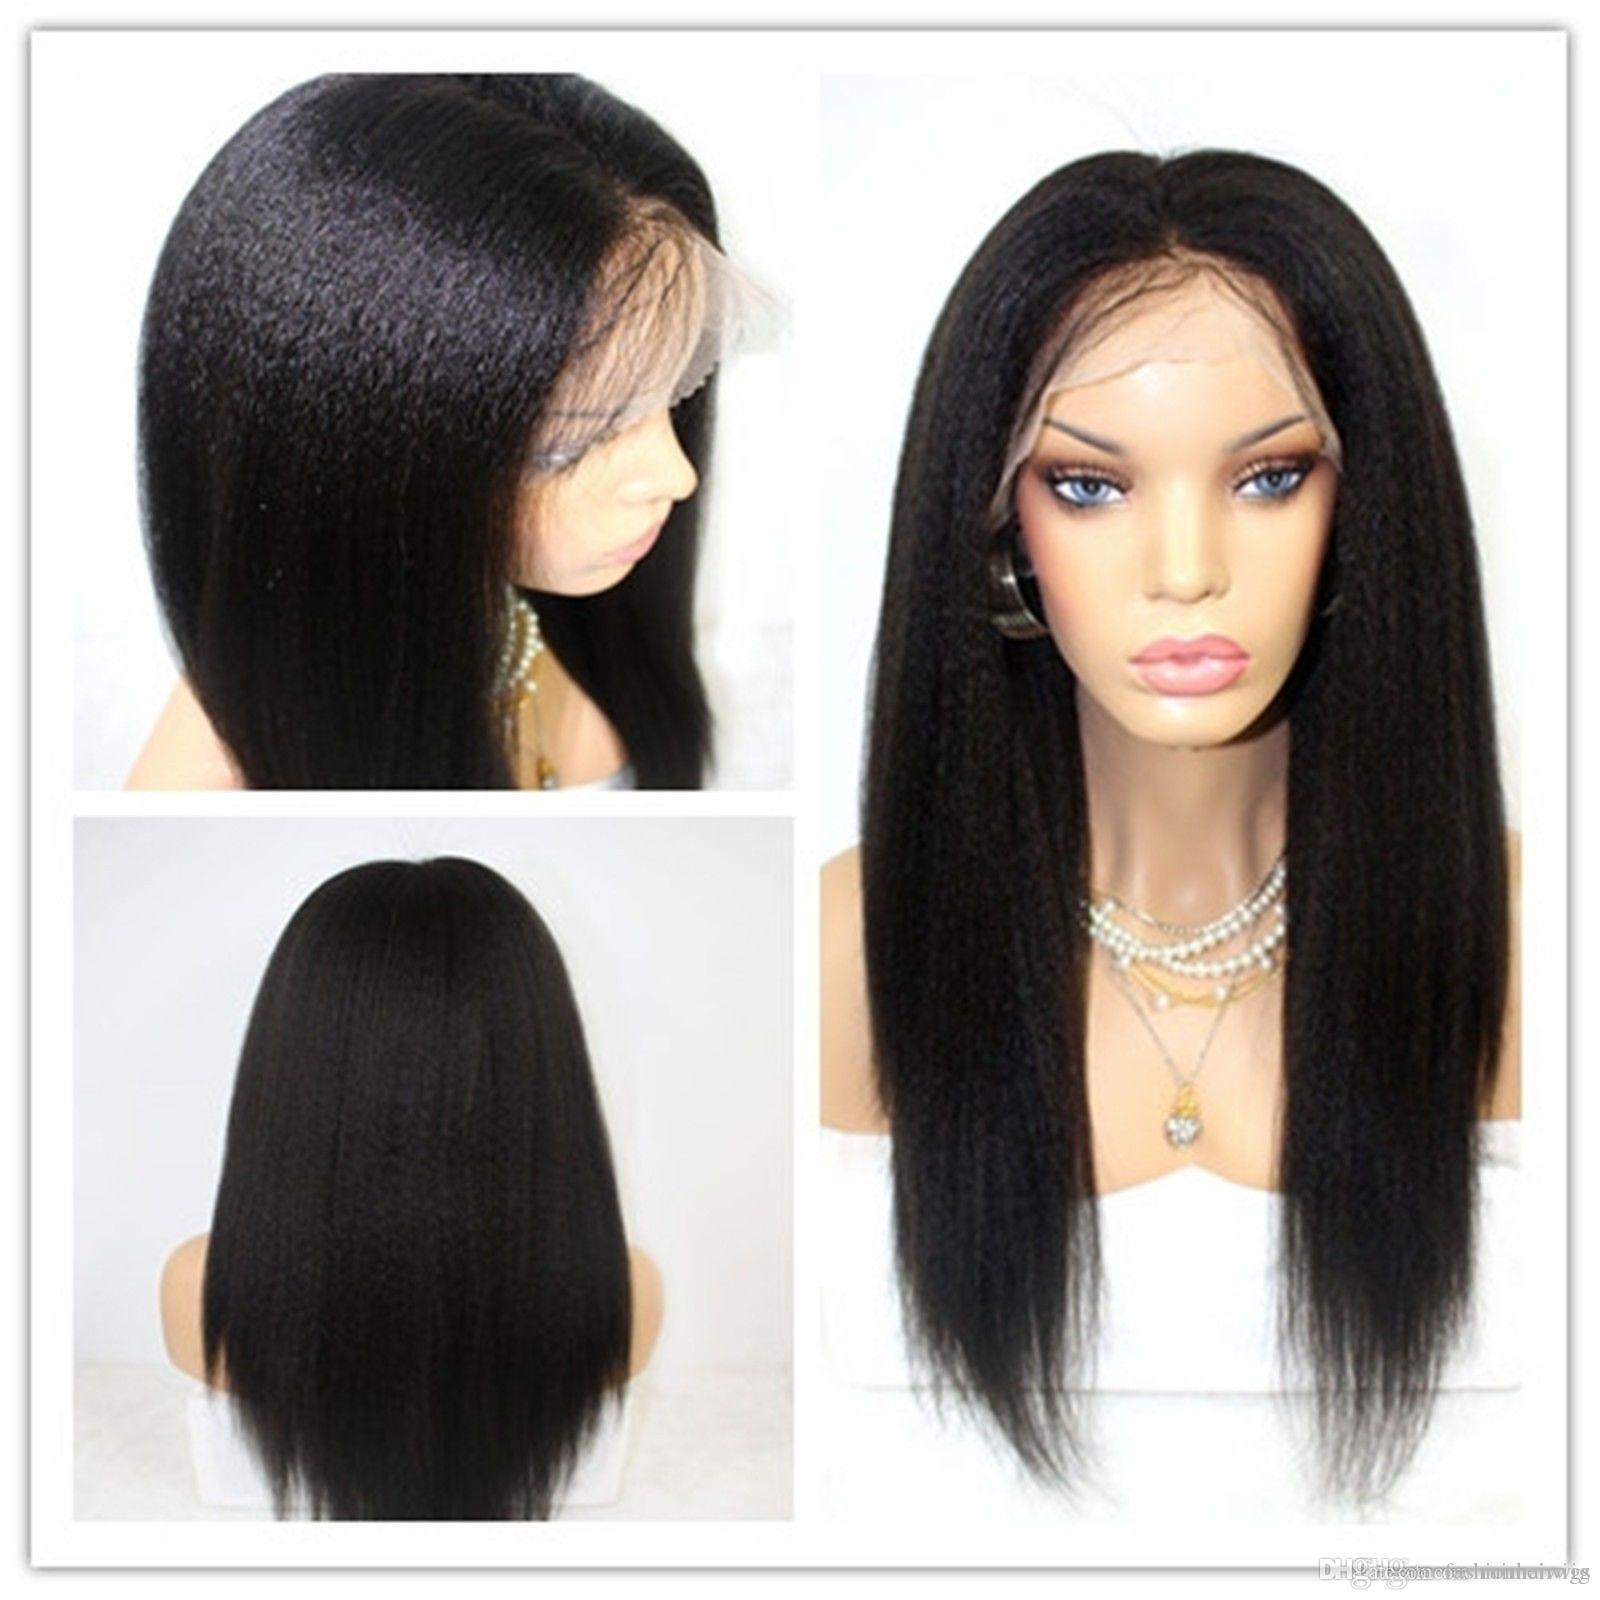 도매 150 % 밀도 가벼운 야키 변태 스트레이트 glueless 합성 레이스 프런트 가발 반바지 블랙 womenfull 레이스 가발에 대한 내성